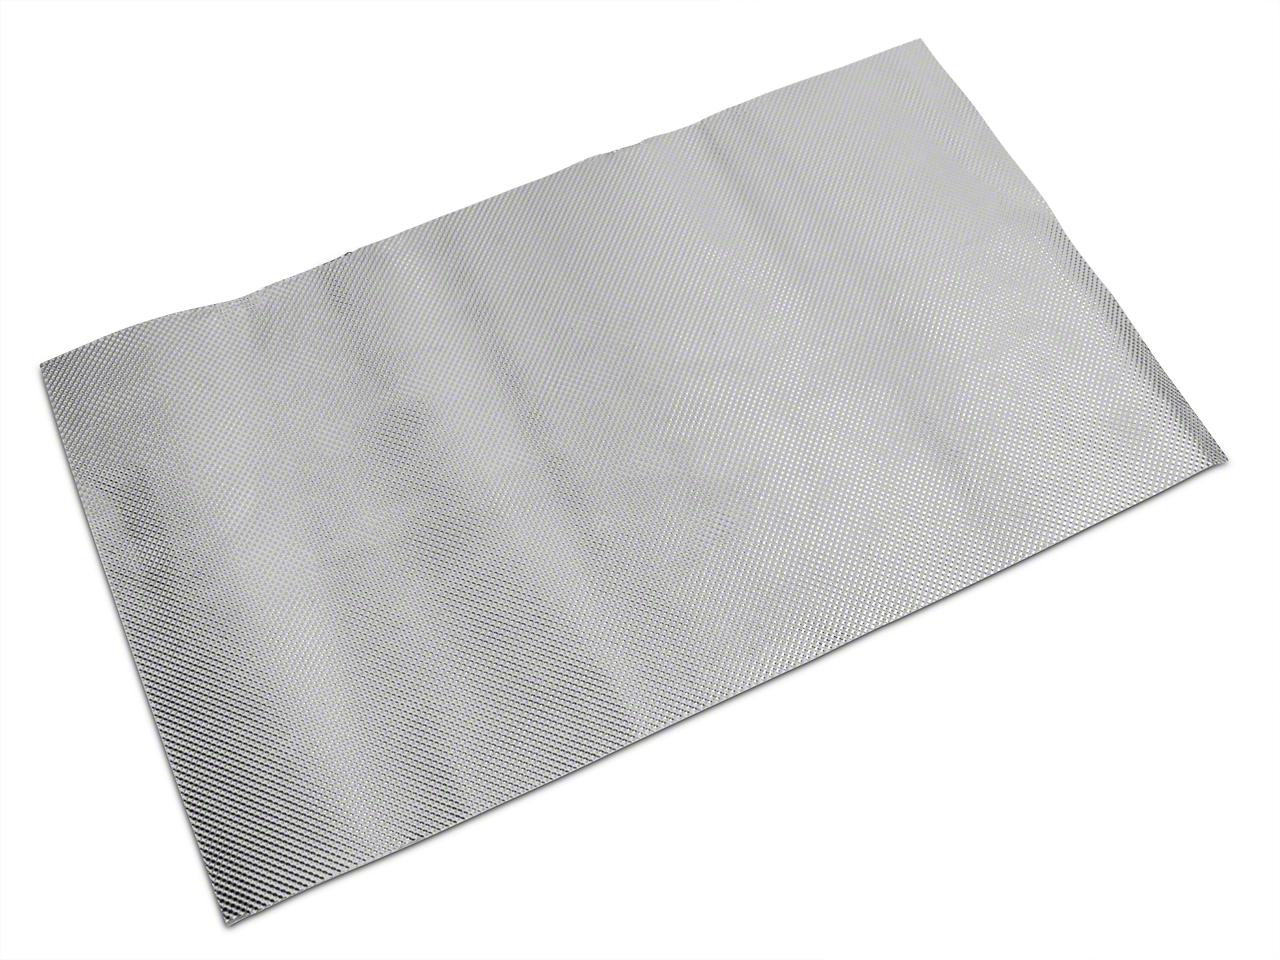 DEI Muffler Shield Kit (07-18 Wrangler JK)